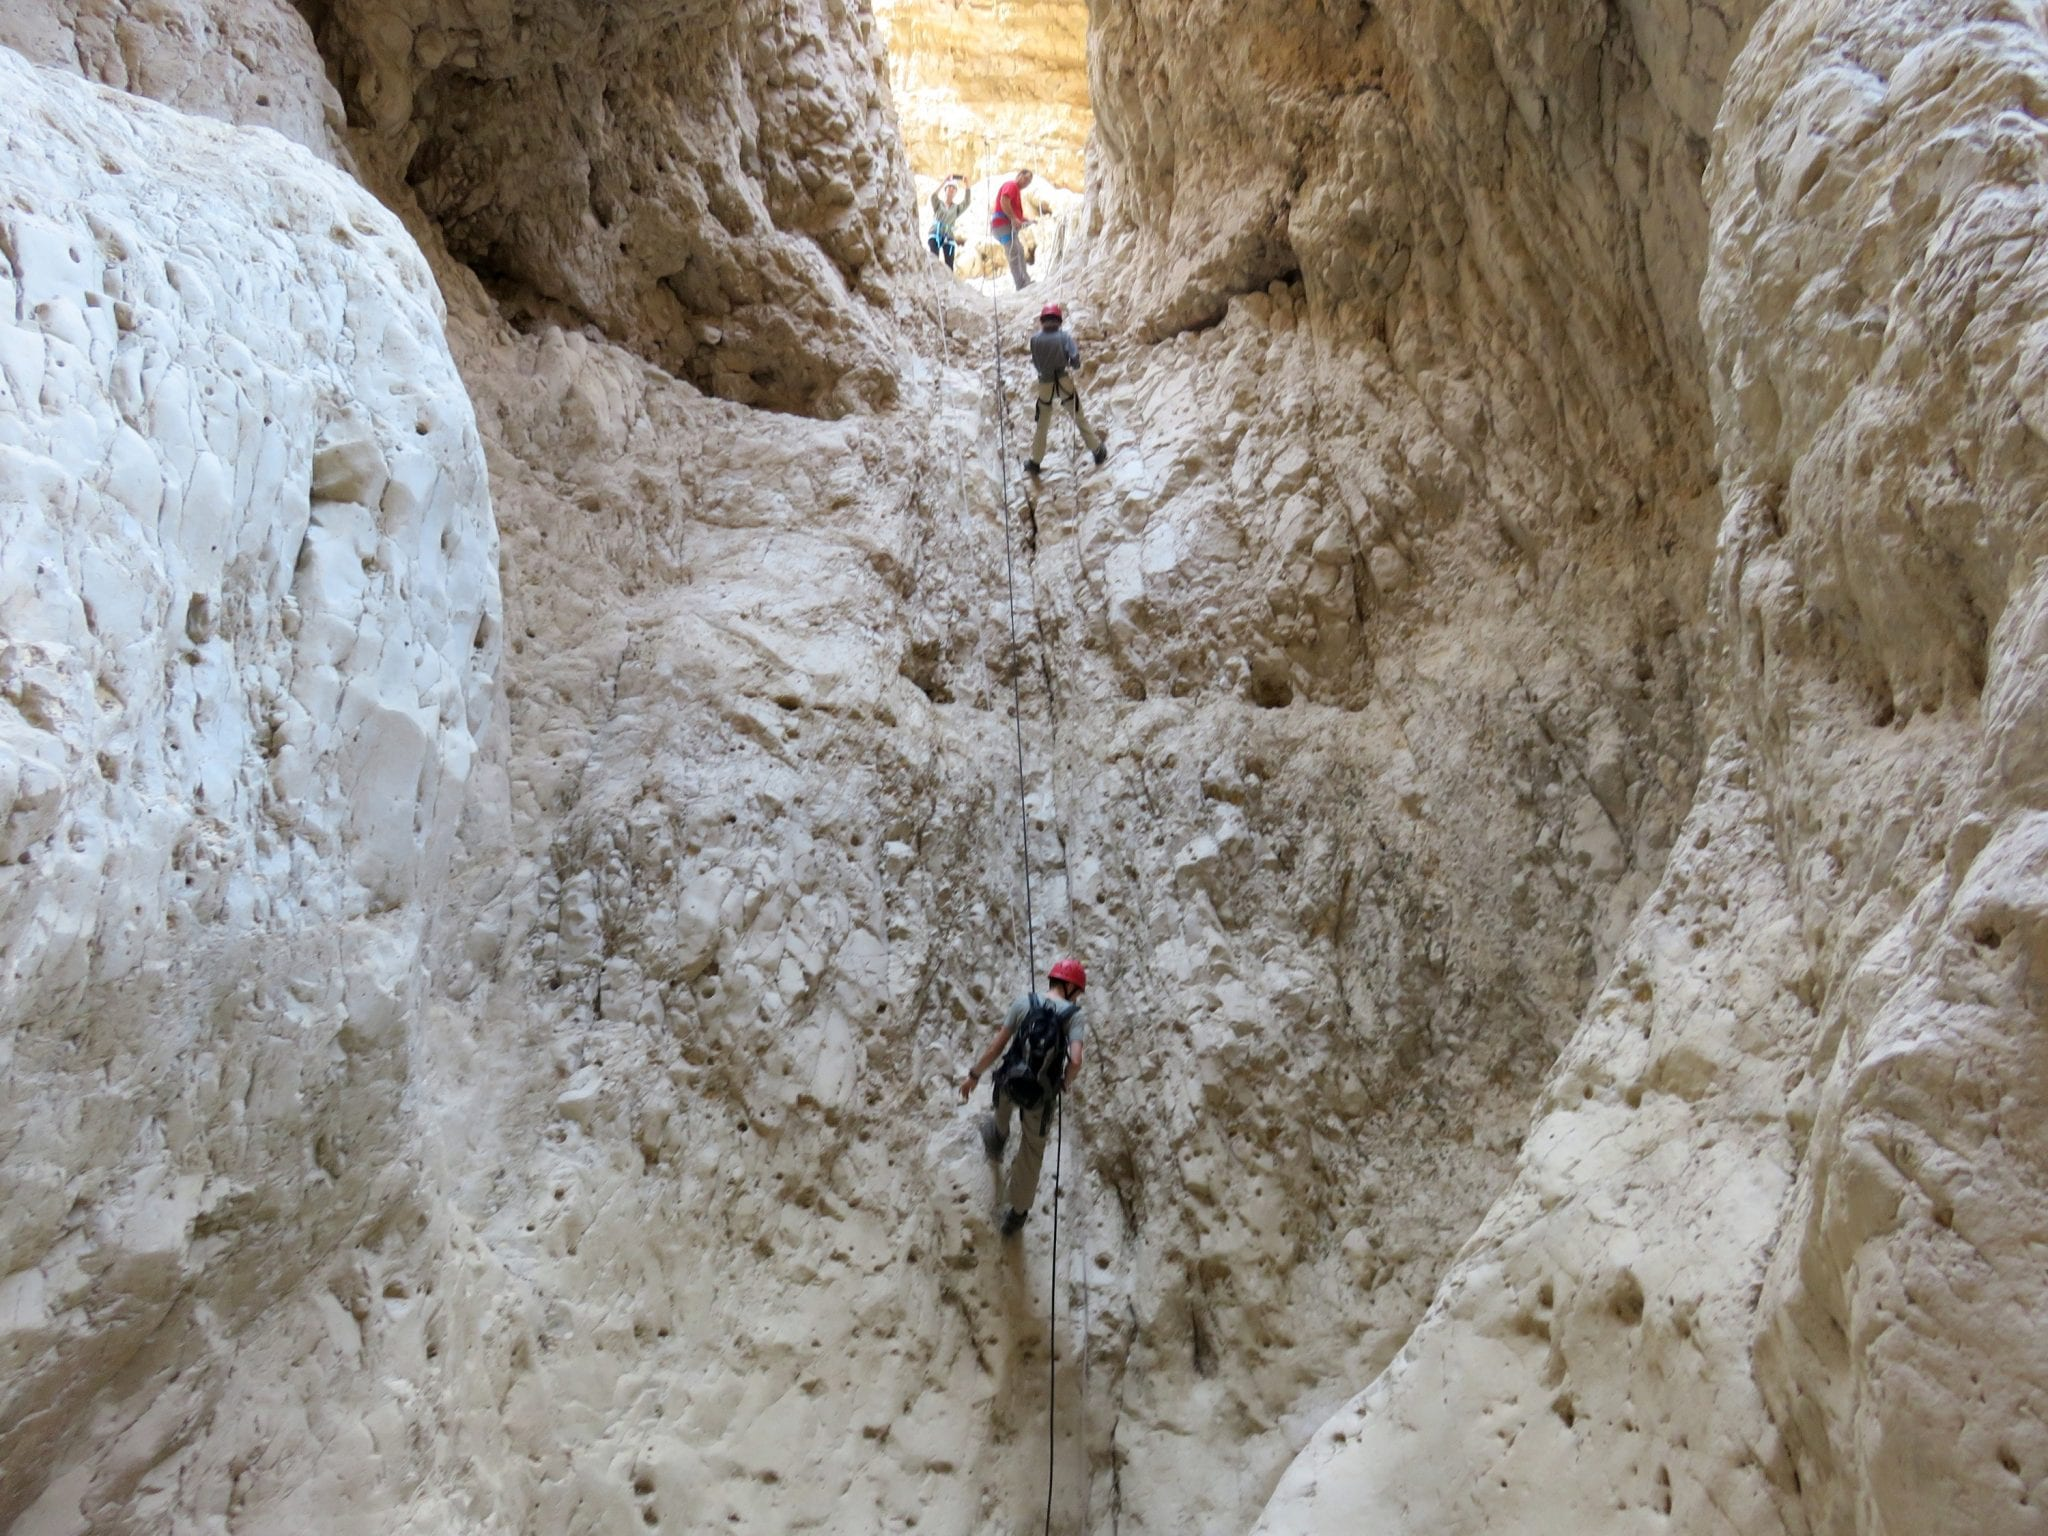 סנפלינג רחף תחתון מפל 20 מטרים - ערוצים בטבע